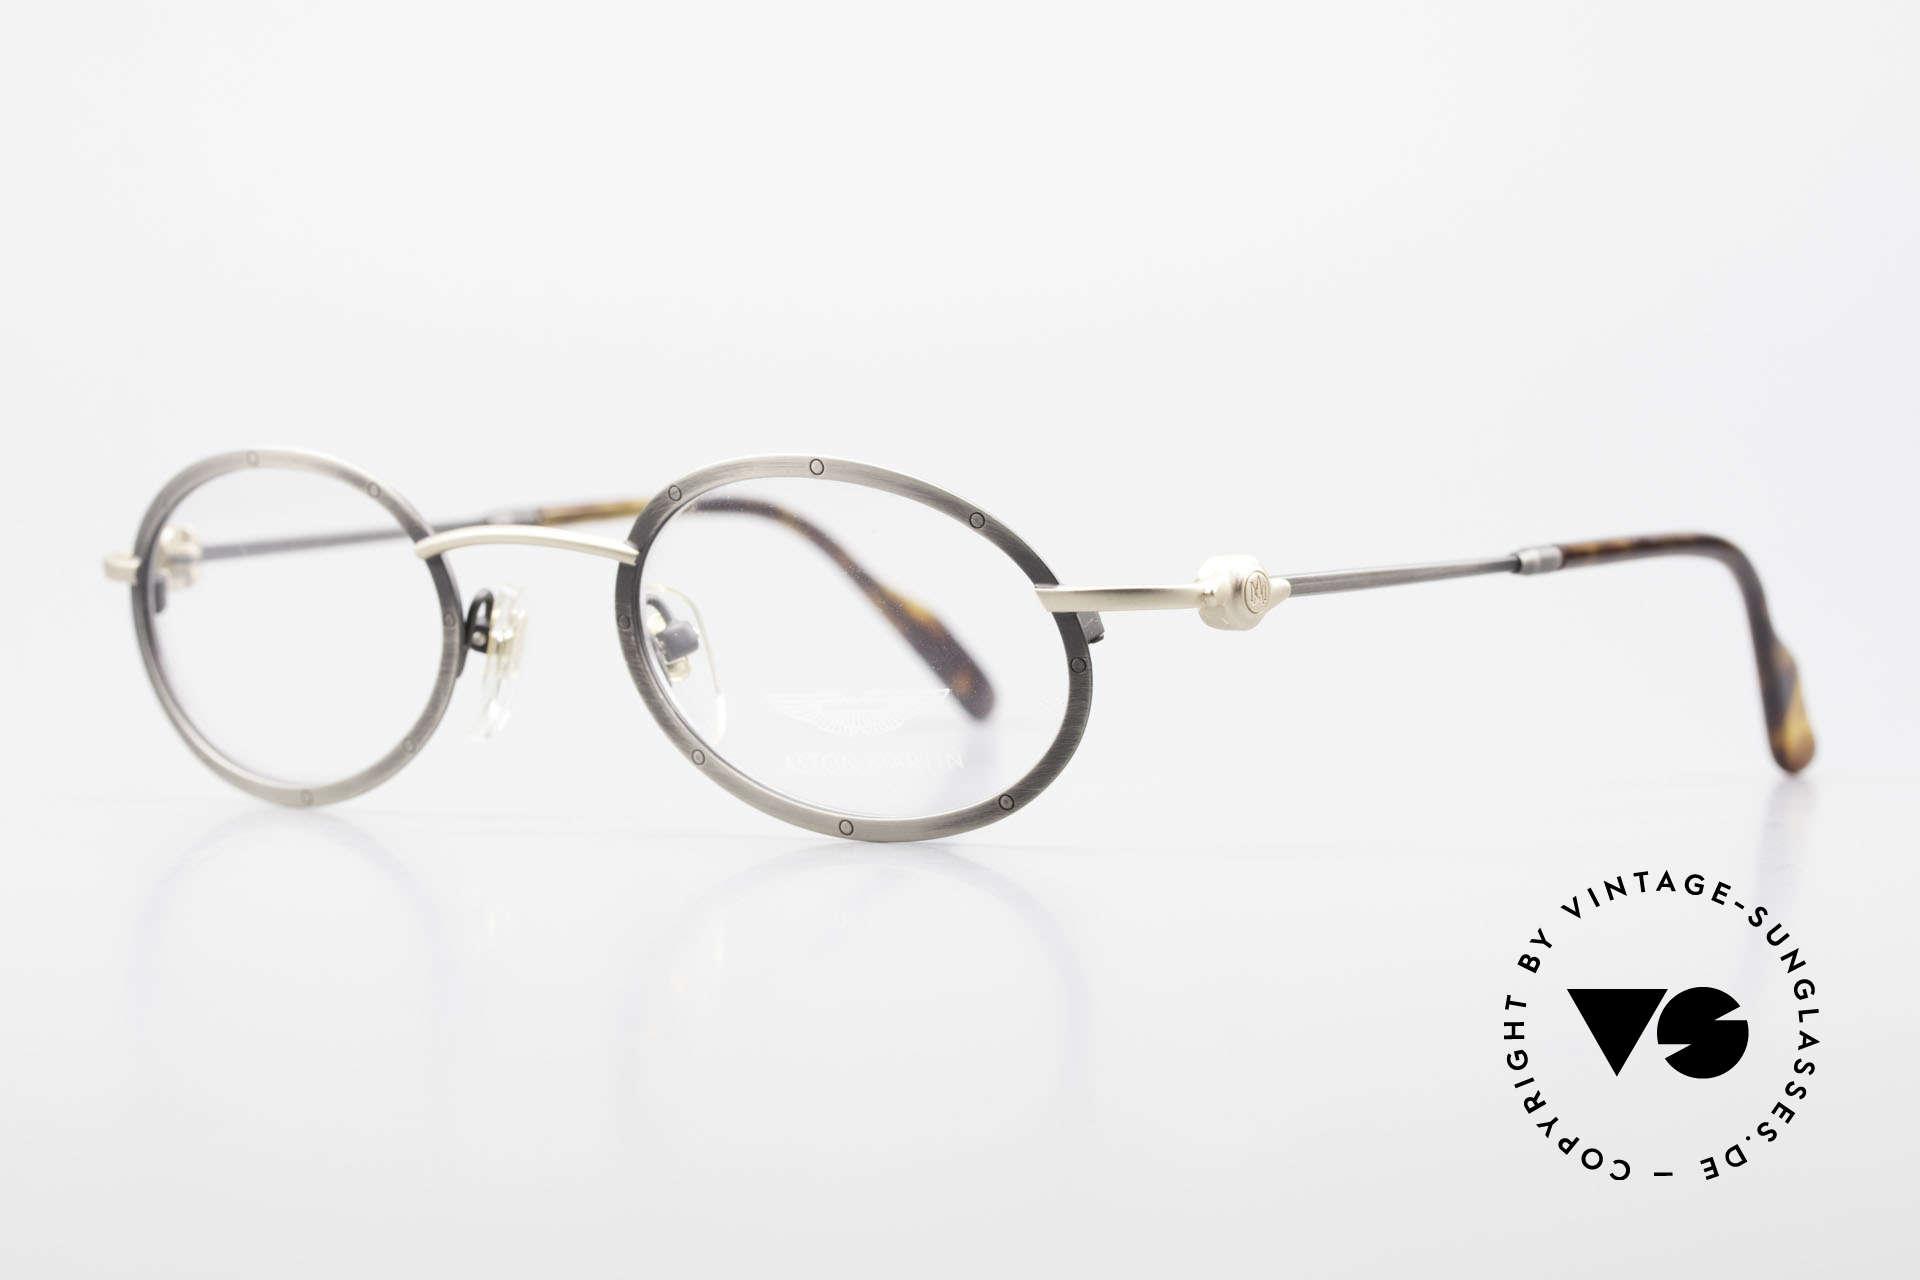 Aston Martin AM34 Vintage Brille Oval James Bond, sportlich elegant für den Gentleman (James Bond Style), Passend für Herren